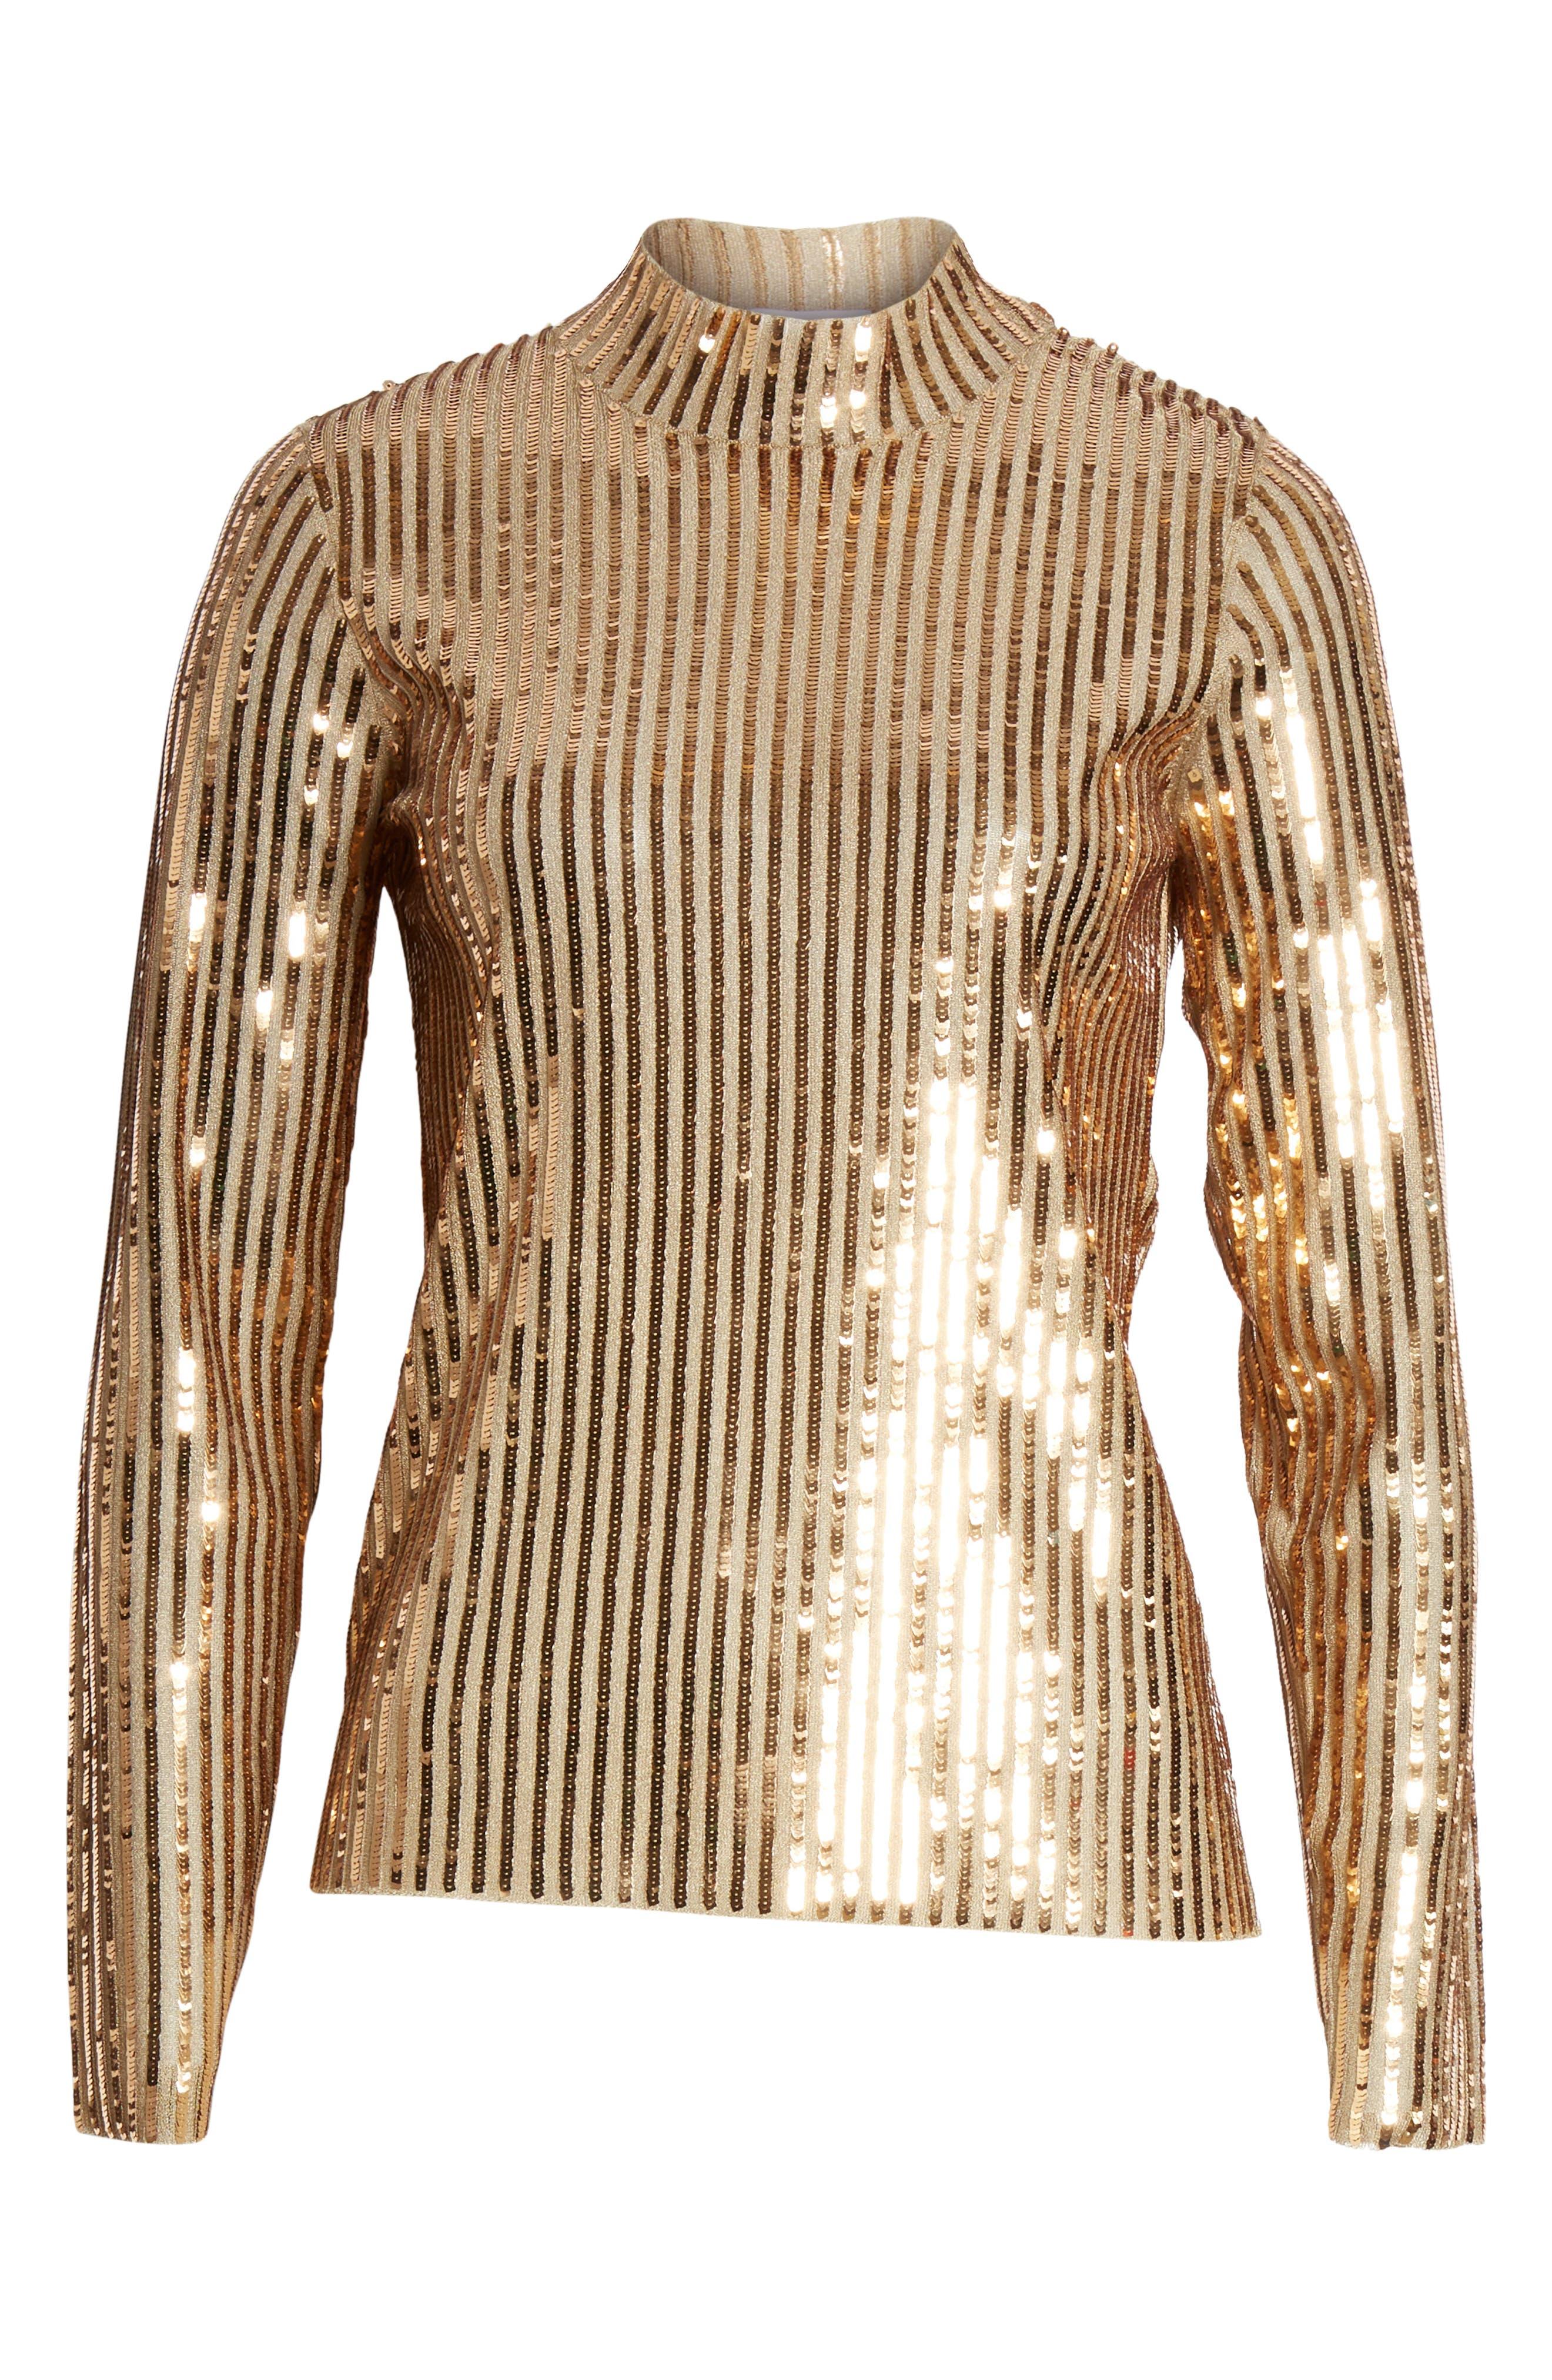 Grace Gold Sequins Top,                             Alternate thumbnail 6, color,                             GOLD